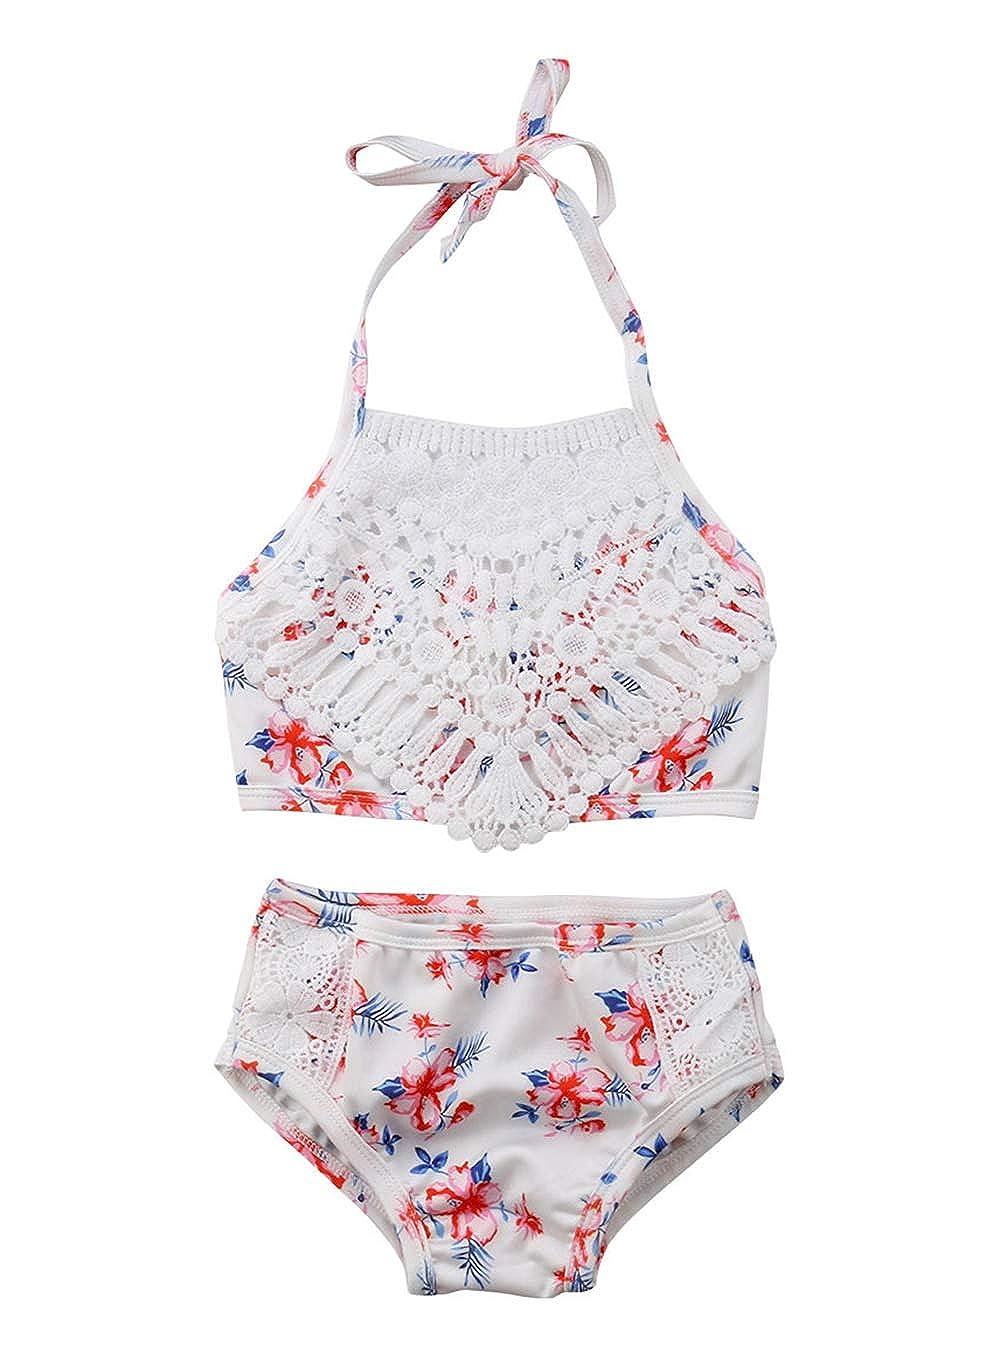 Amazon.com: Traje de baño para bebé niña con encaje floral ...